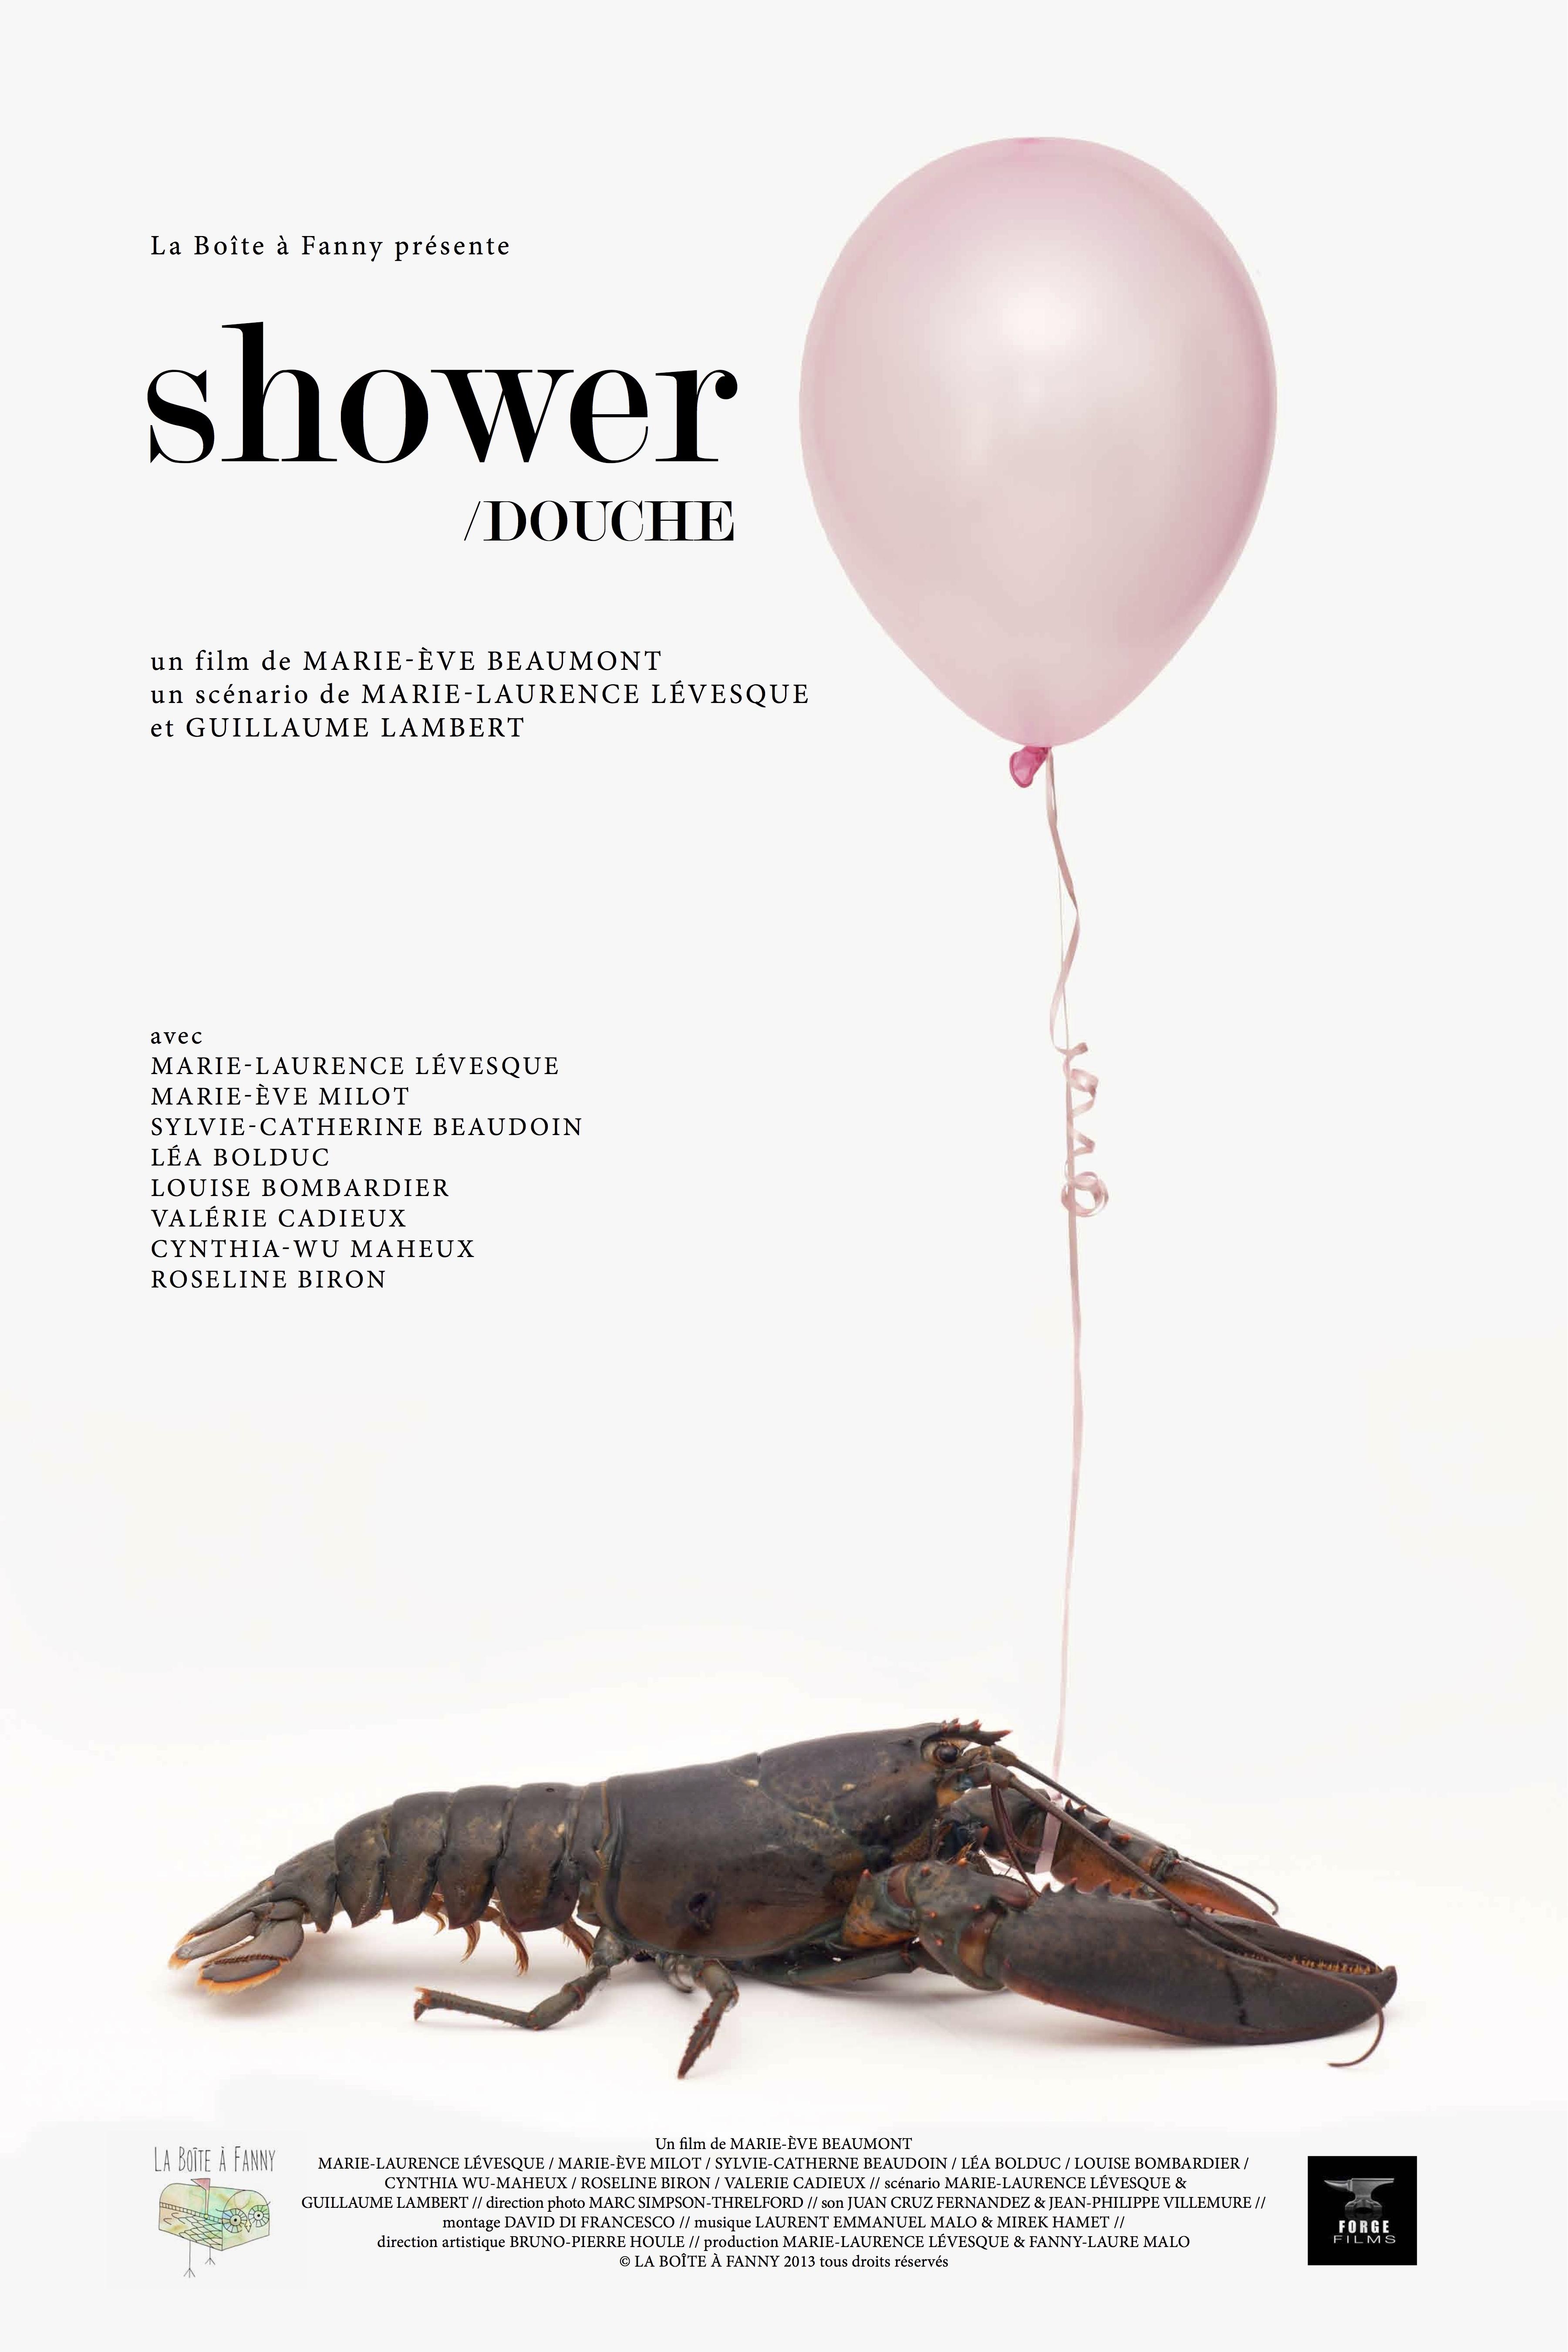 ShowerDouche